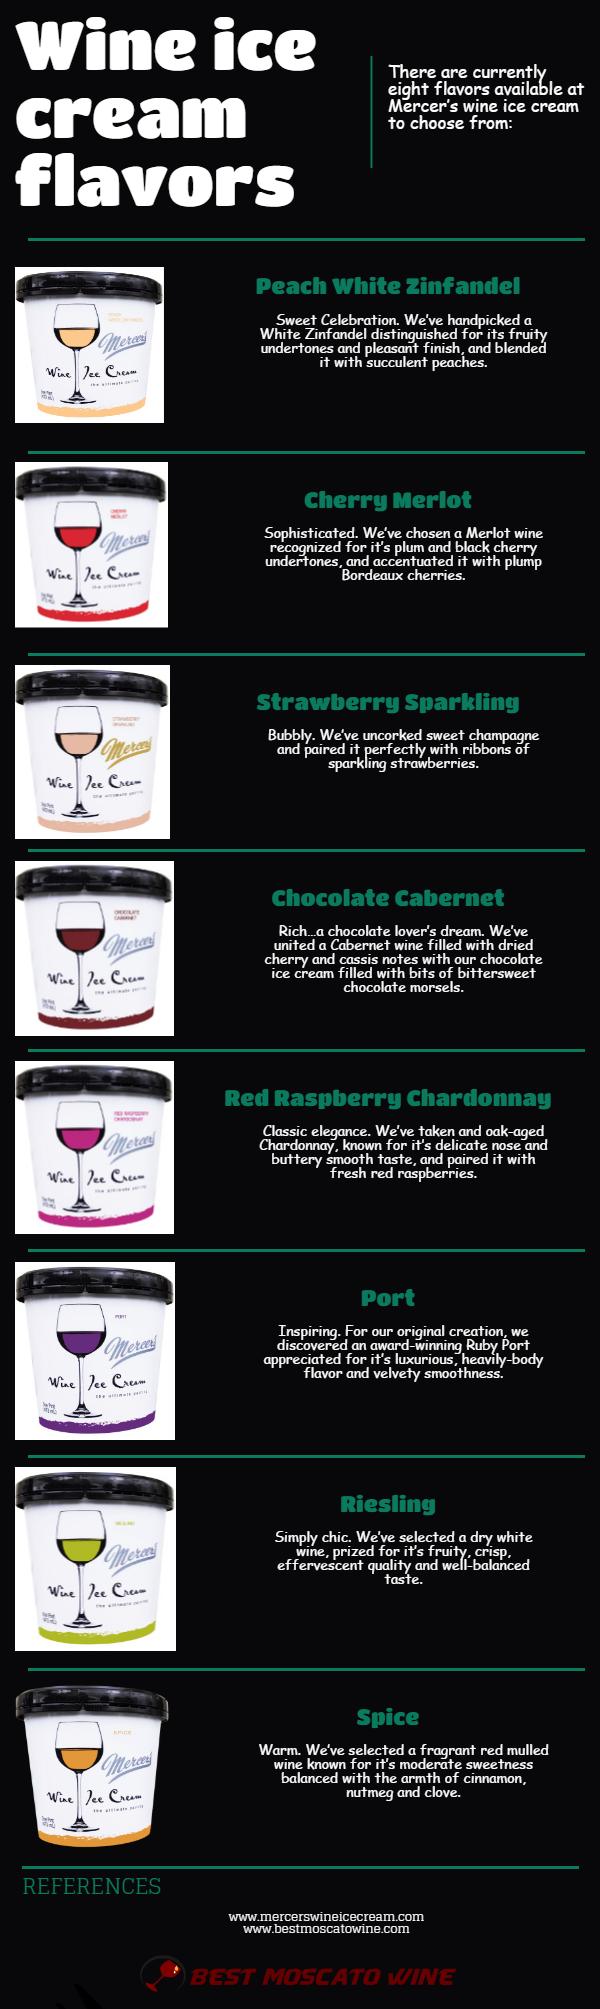 Wine Ice Cream Flavors